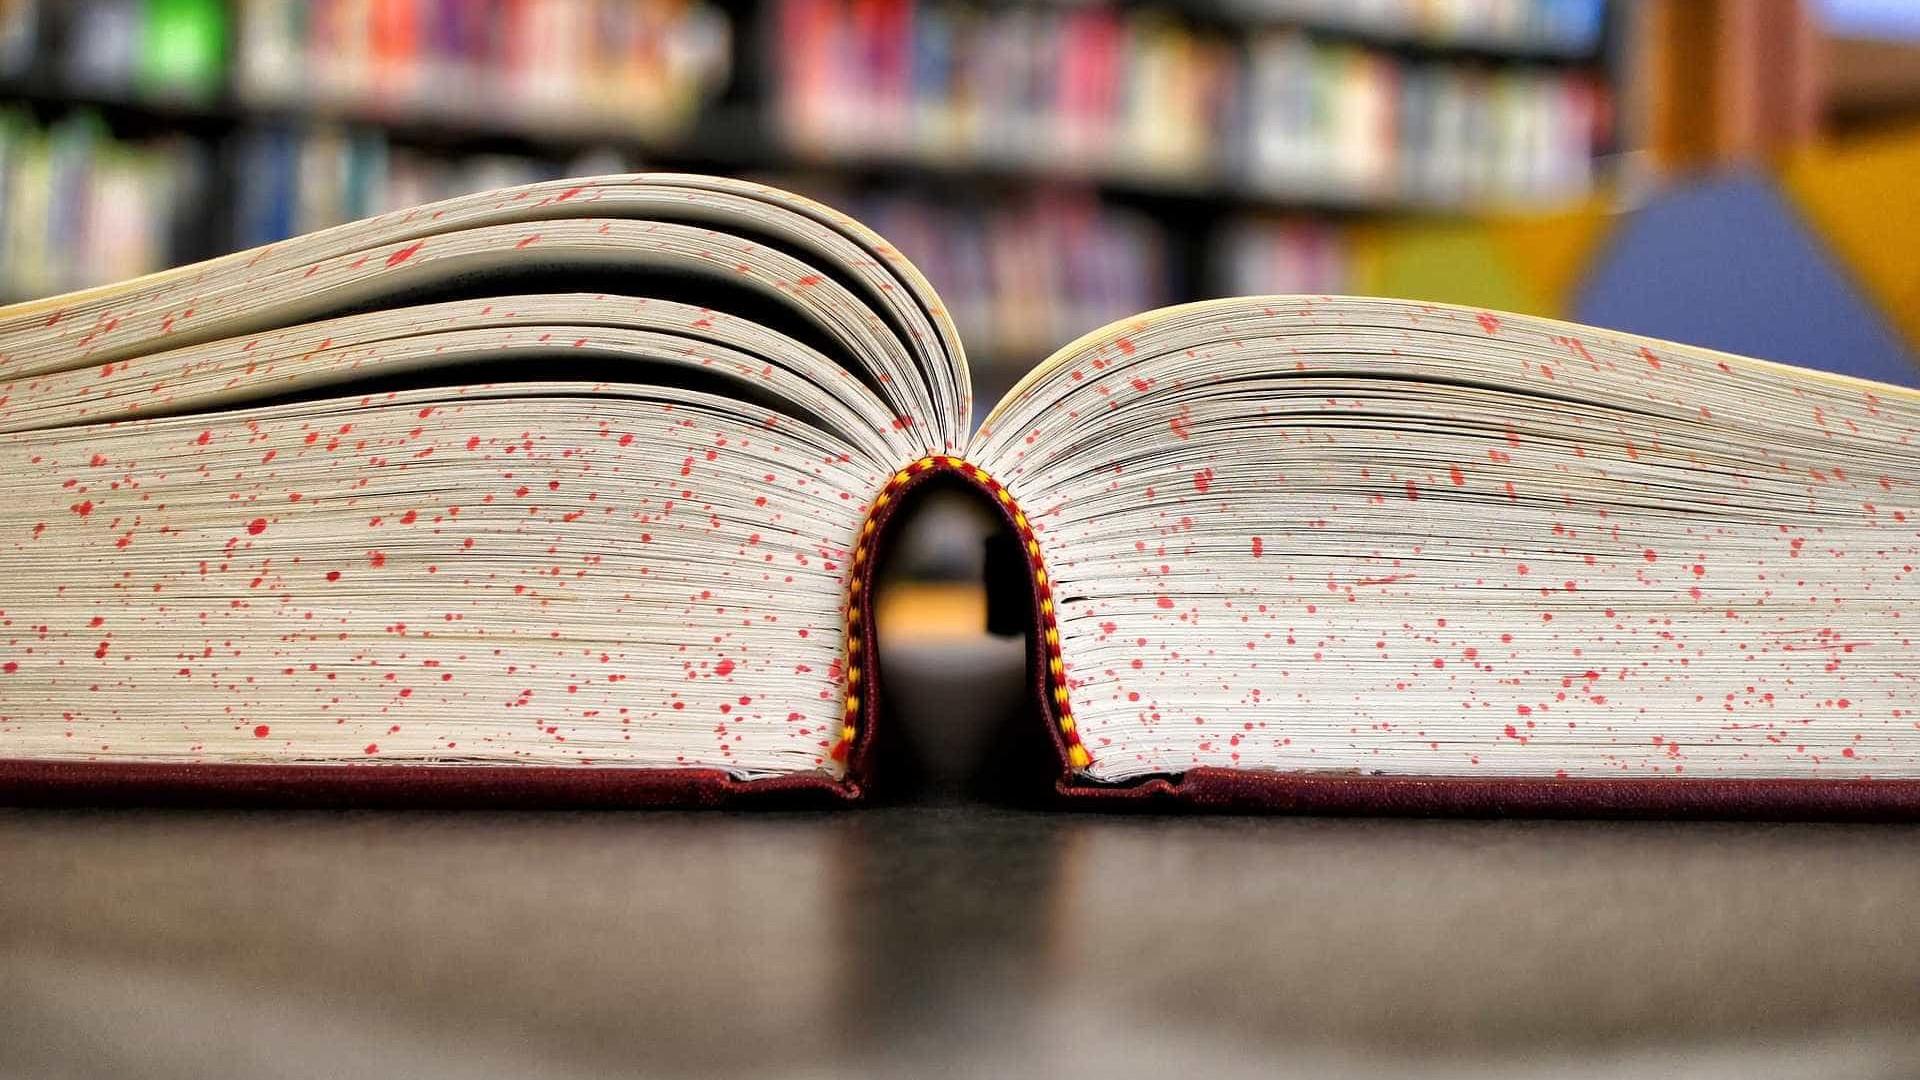 Governo Temer abandona programa de envio de livros literários a escolas